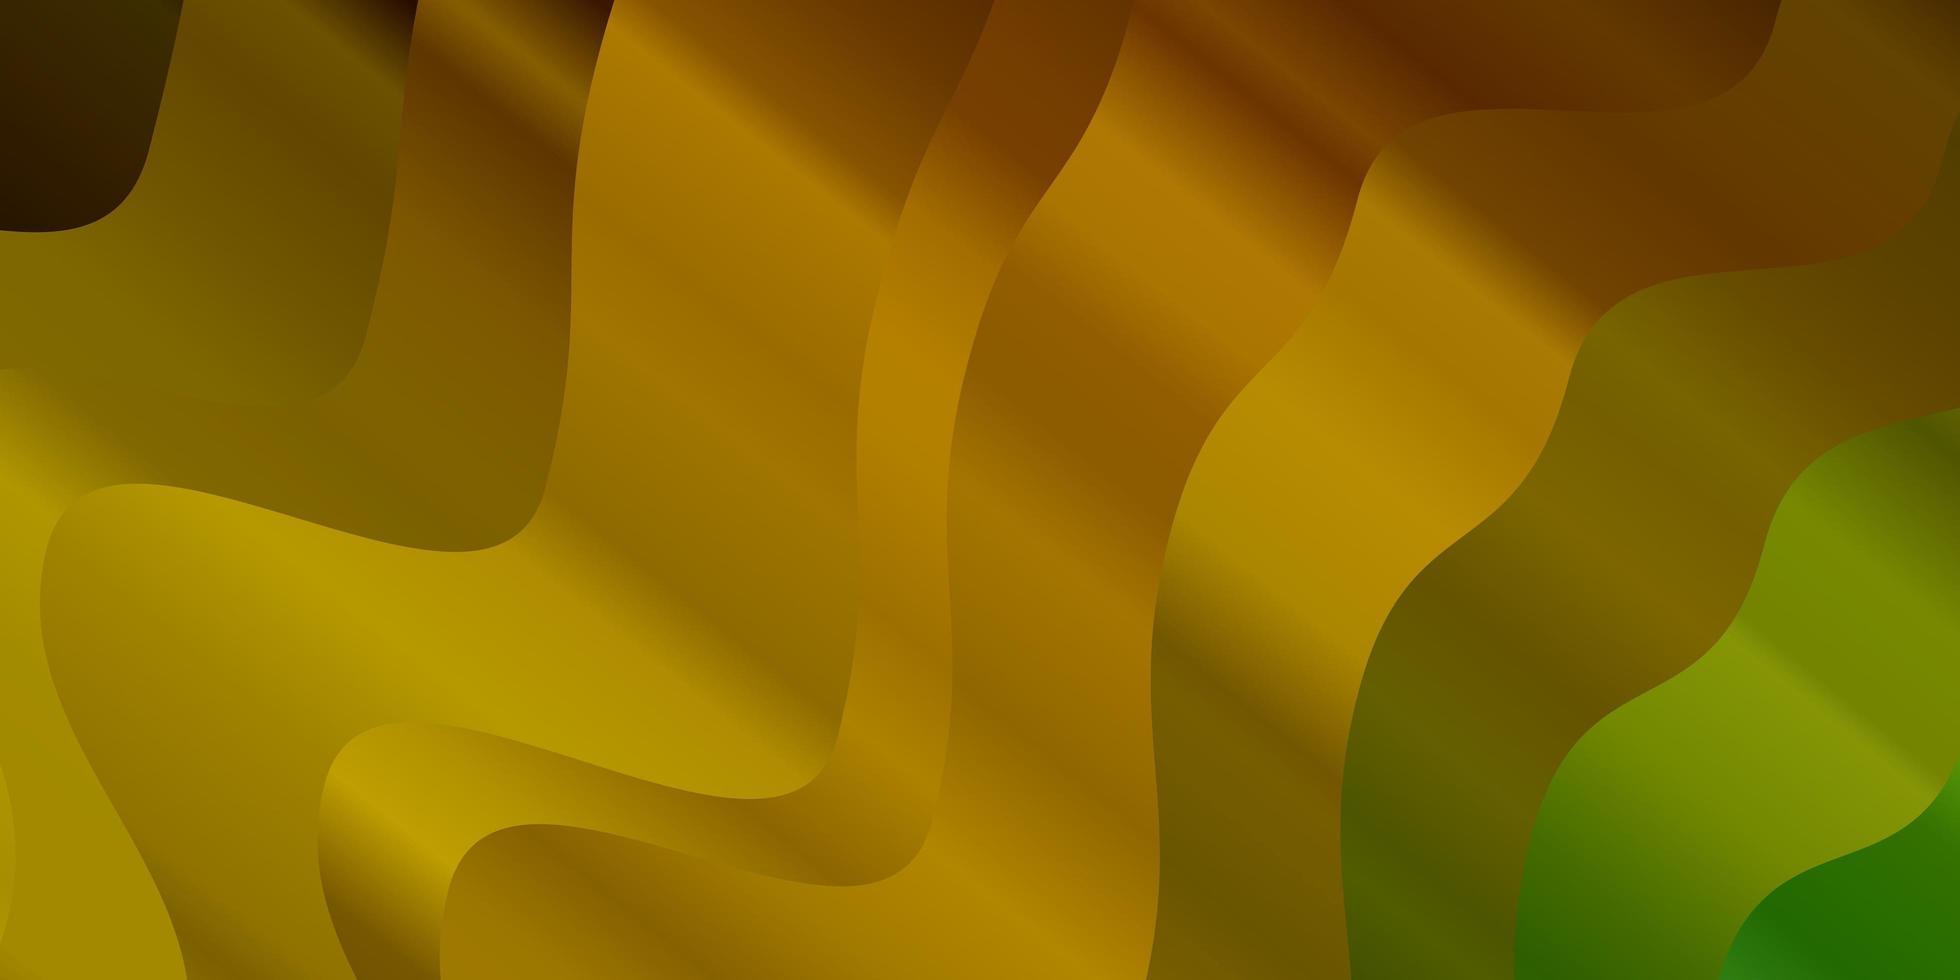 mörkgrön, gul vektorstruktur med sneda linjer. vektor